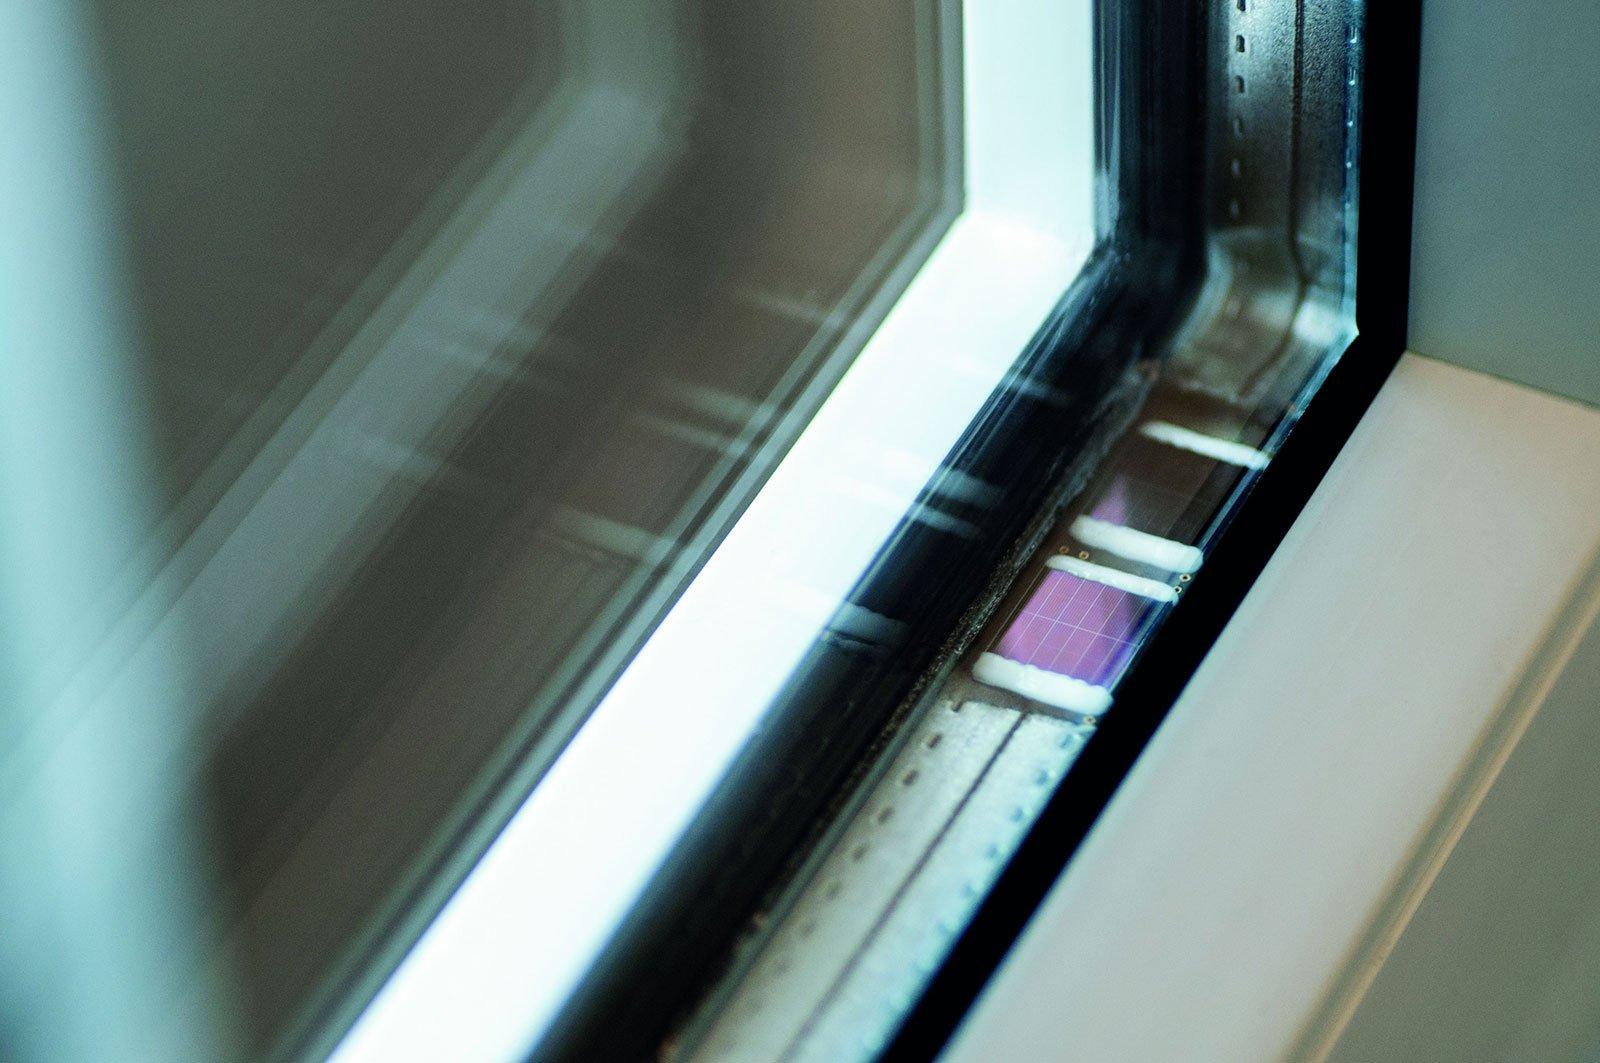 Der im Fensterrahmen angebrachte Chip versorgt sich selbst mit Energie.